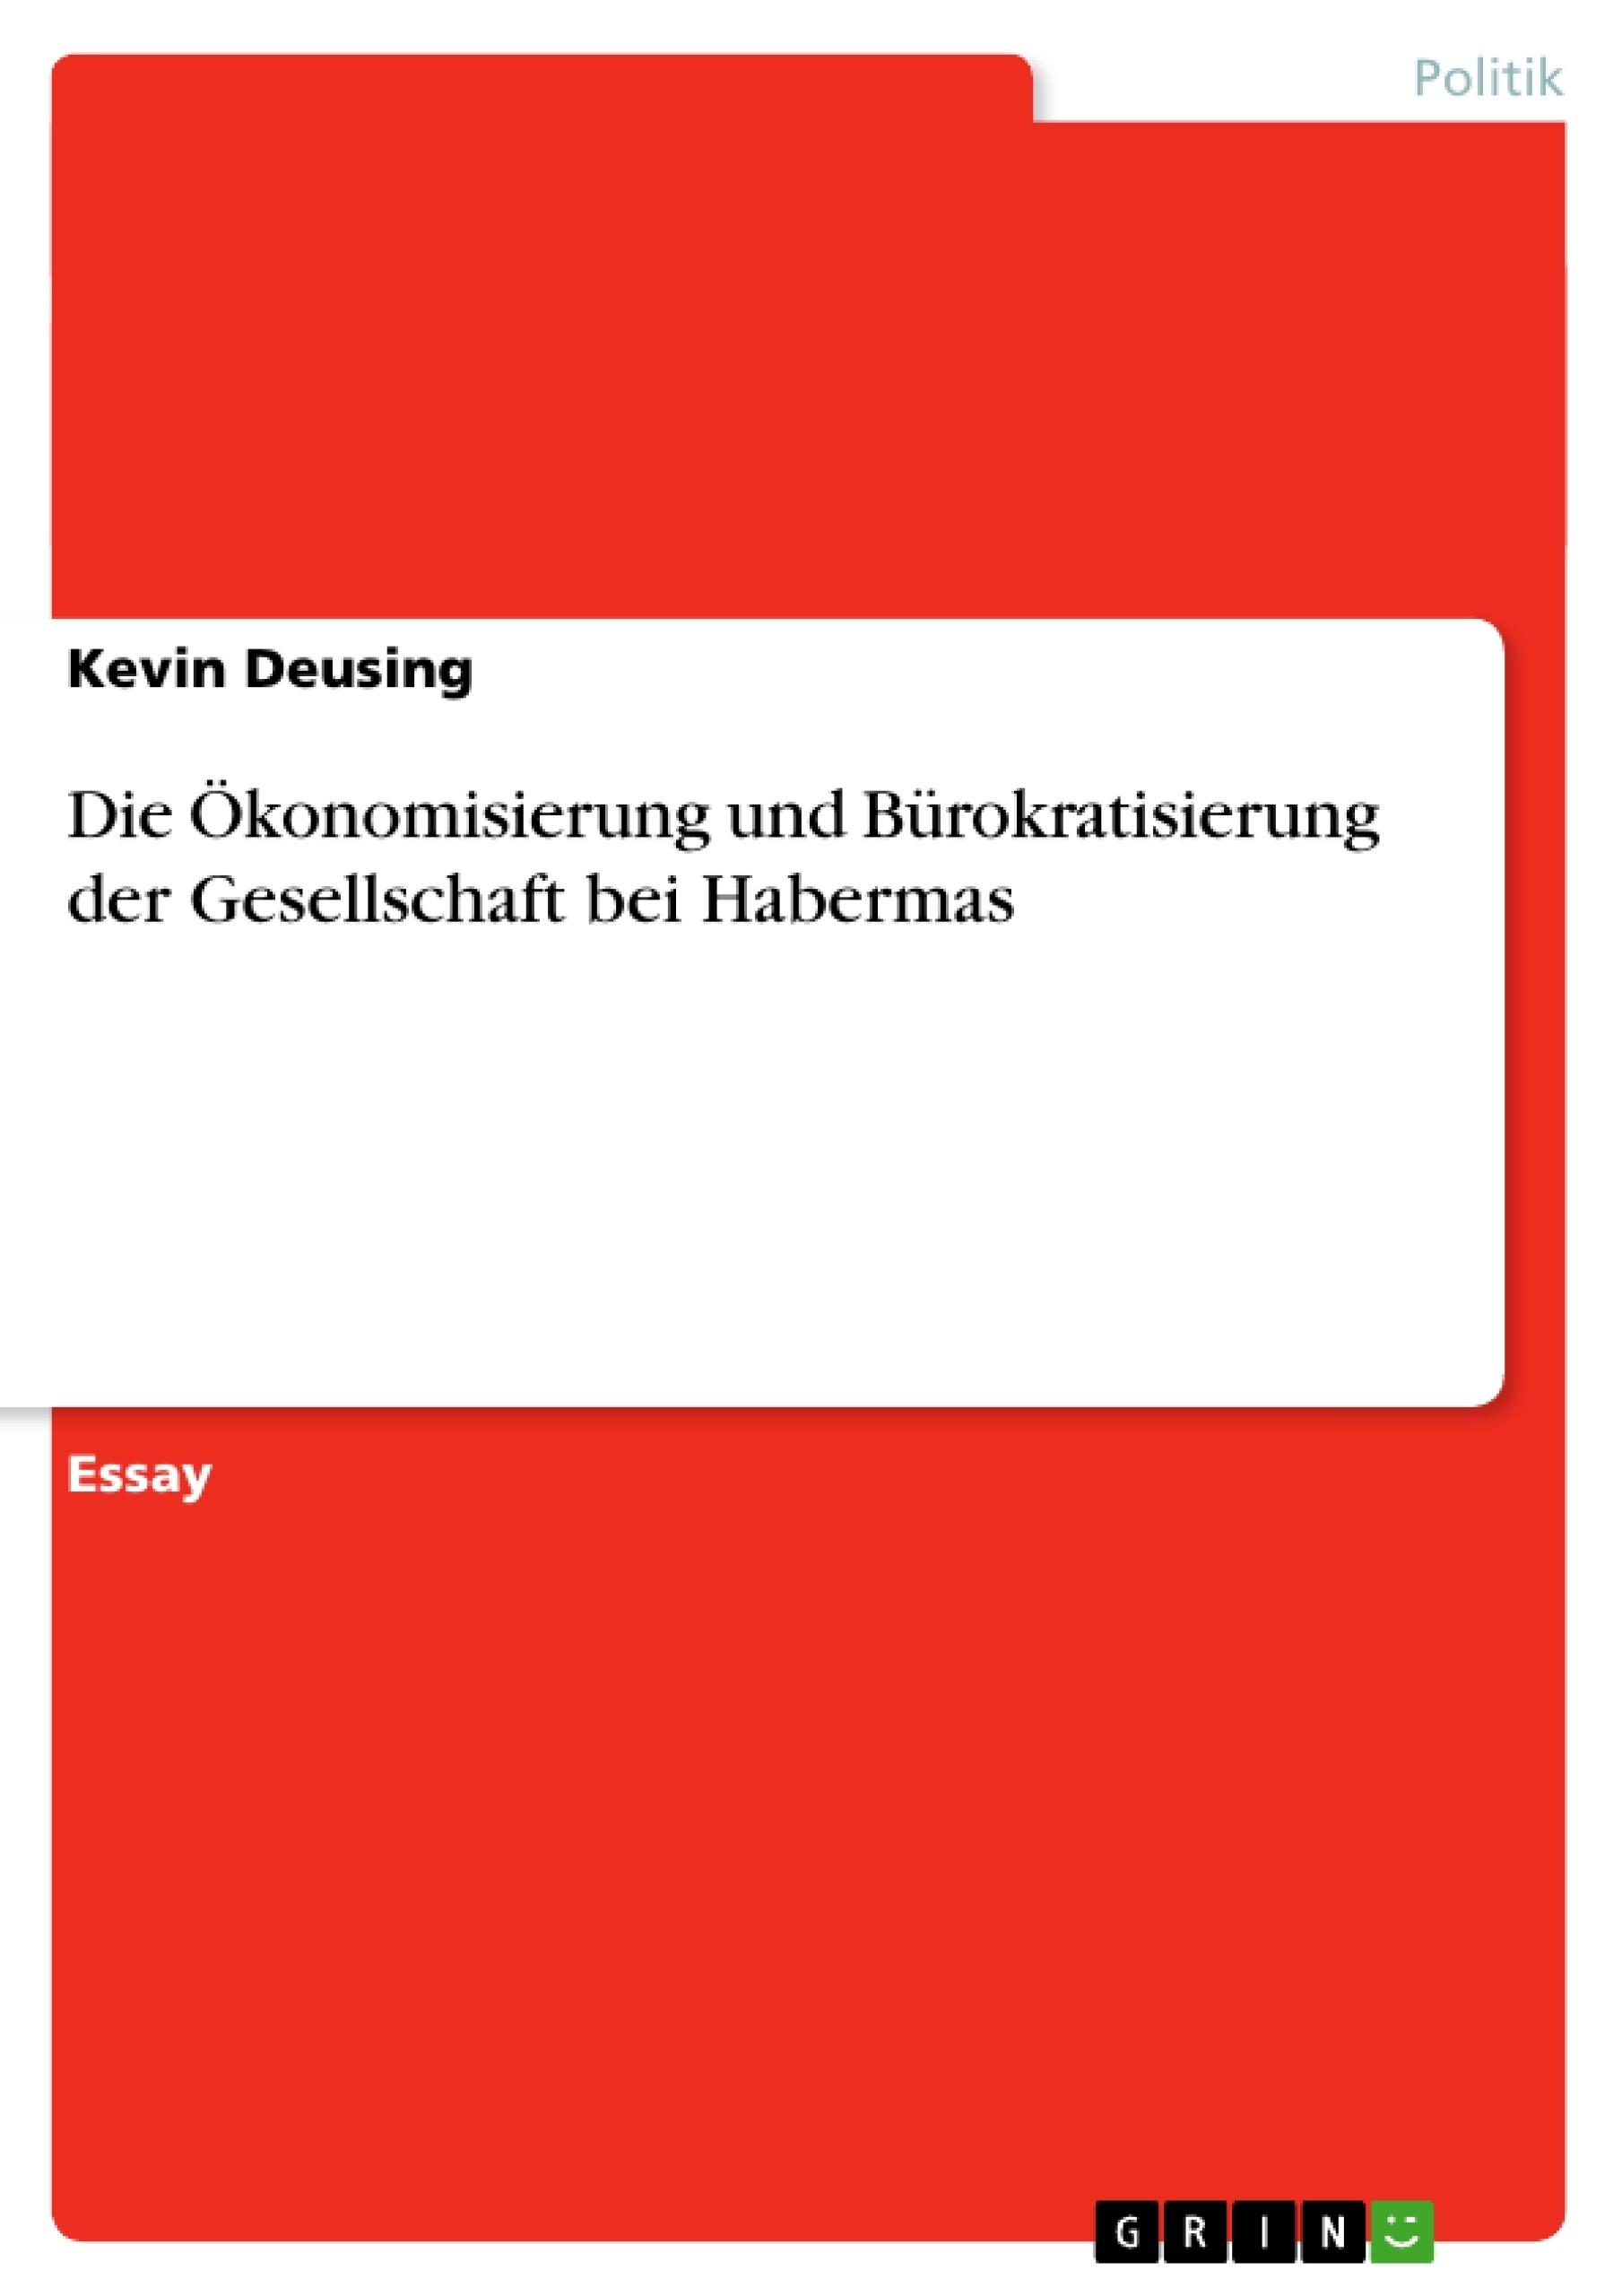 Titel: Die Ökonomisierung und Bürokratisierung der Gesellschaft bei Habermas